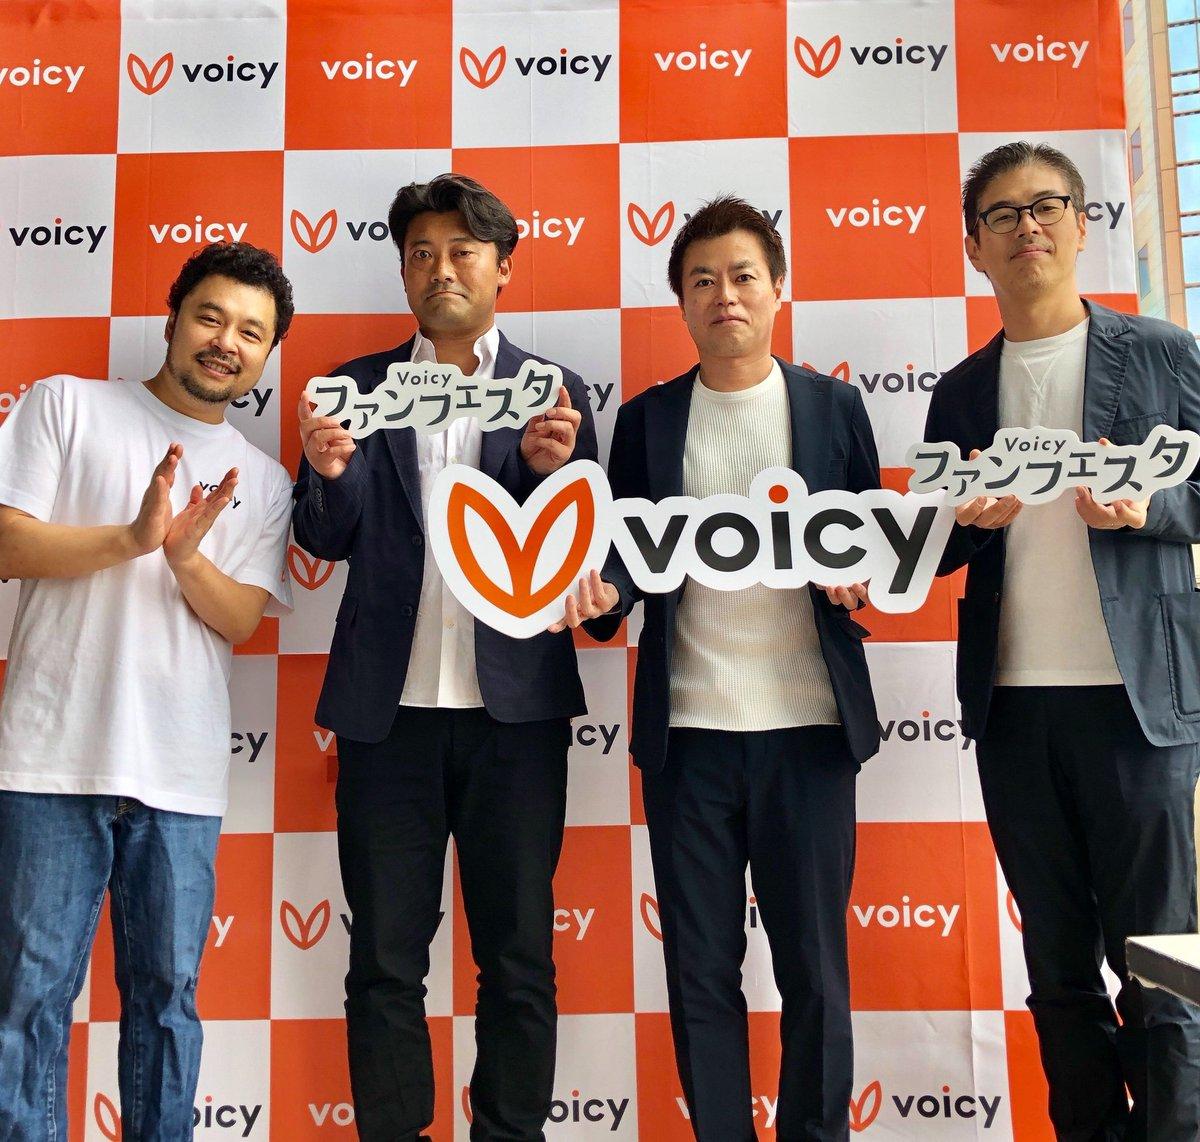 🎉まもなく #Voicyファンフェスタ 開幕🎉オープニングセッションは、TBSラジオ 池田さん、電通 中島さん、日本経済新聞 村野さんによる『音声コンテンツの新たな可能性』。モデレーター Voicy代表 緒方さんです。お見逃しなく!#Voicy